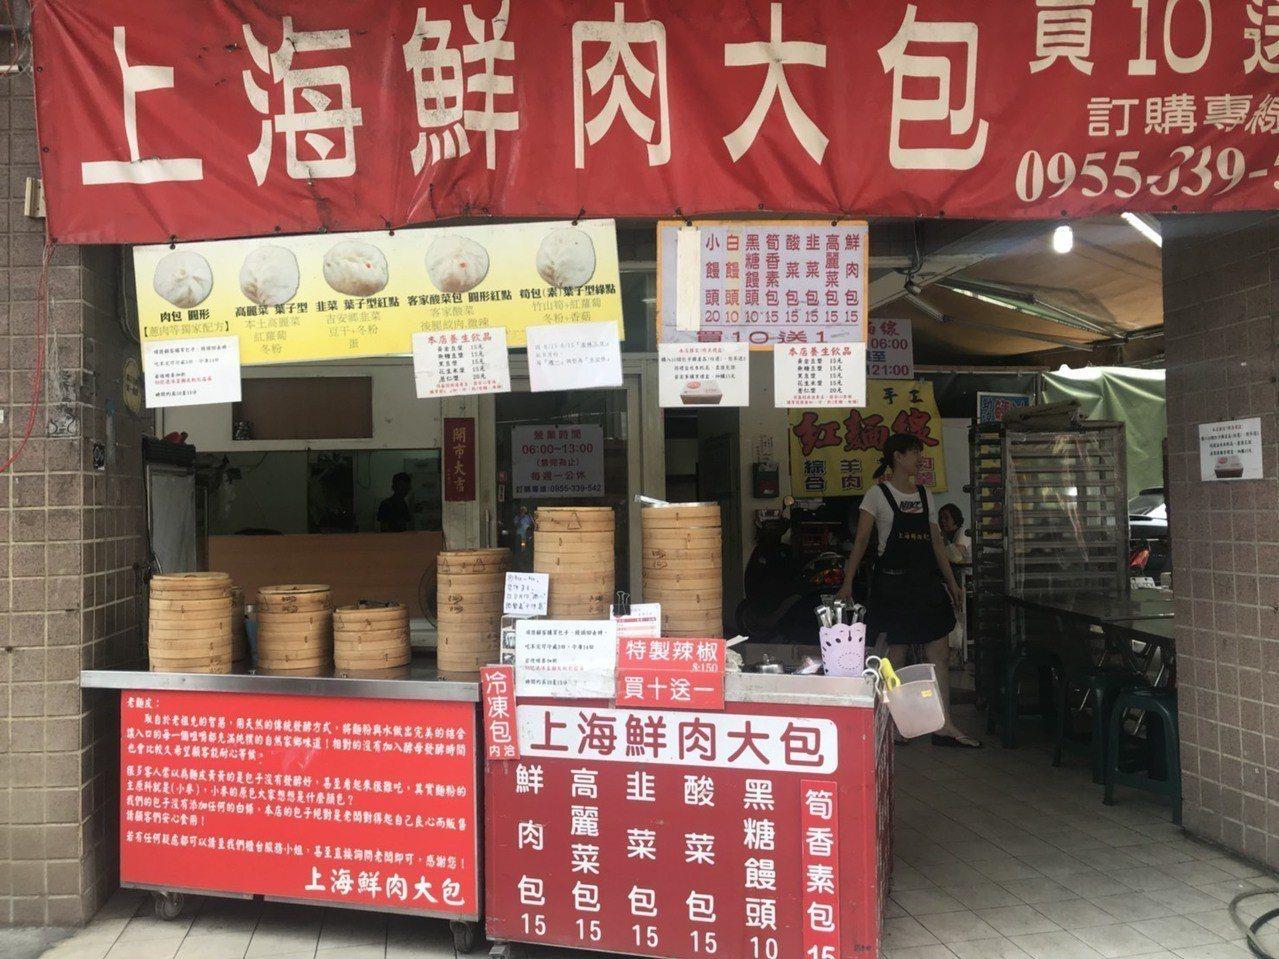 發生濺血衝突的店家。記者袁志豪/攝影